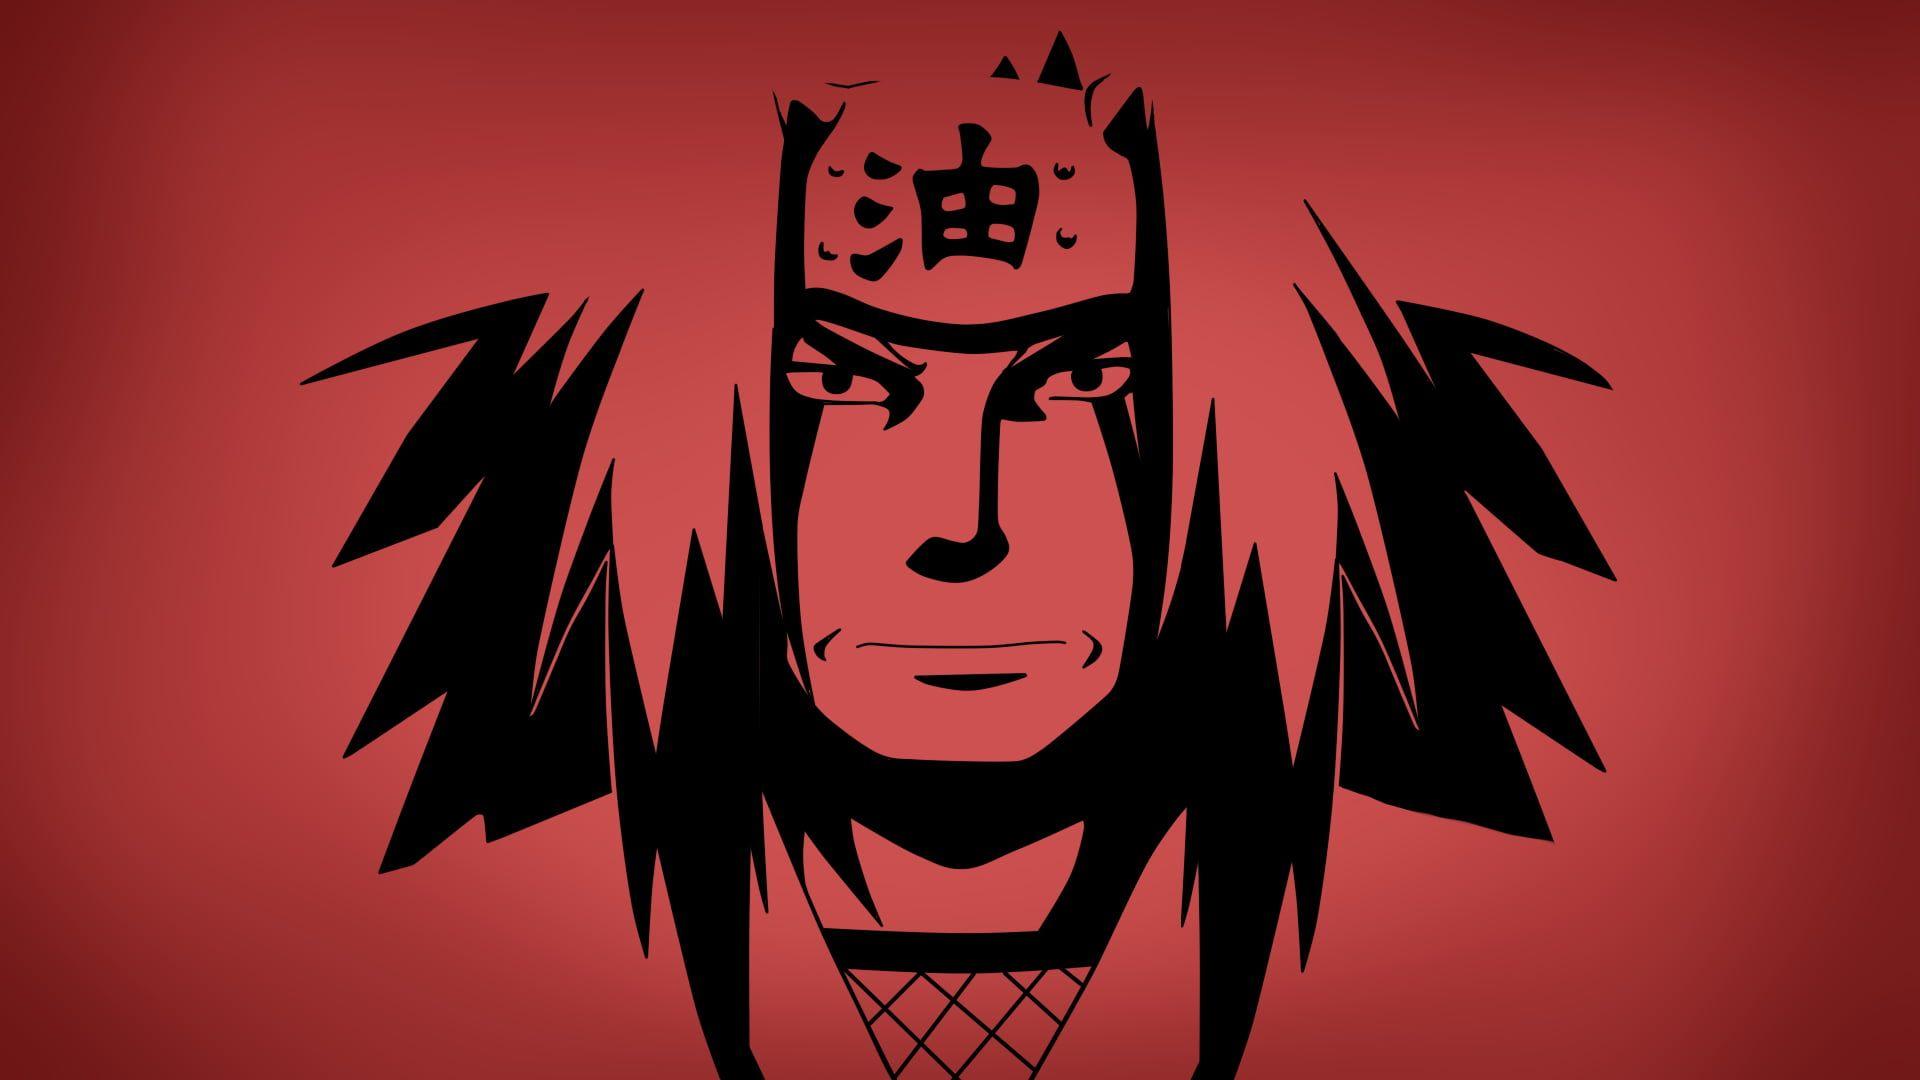 Naruto Character Illustration Naruto Shippuuden Jiraiya 1080p